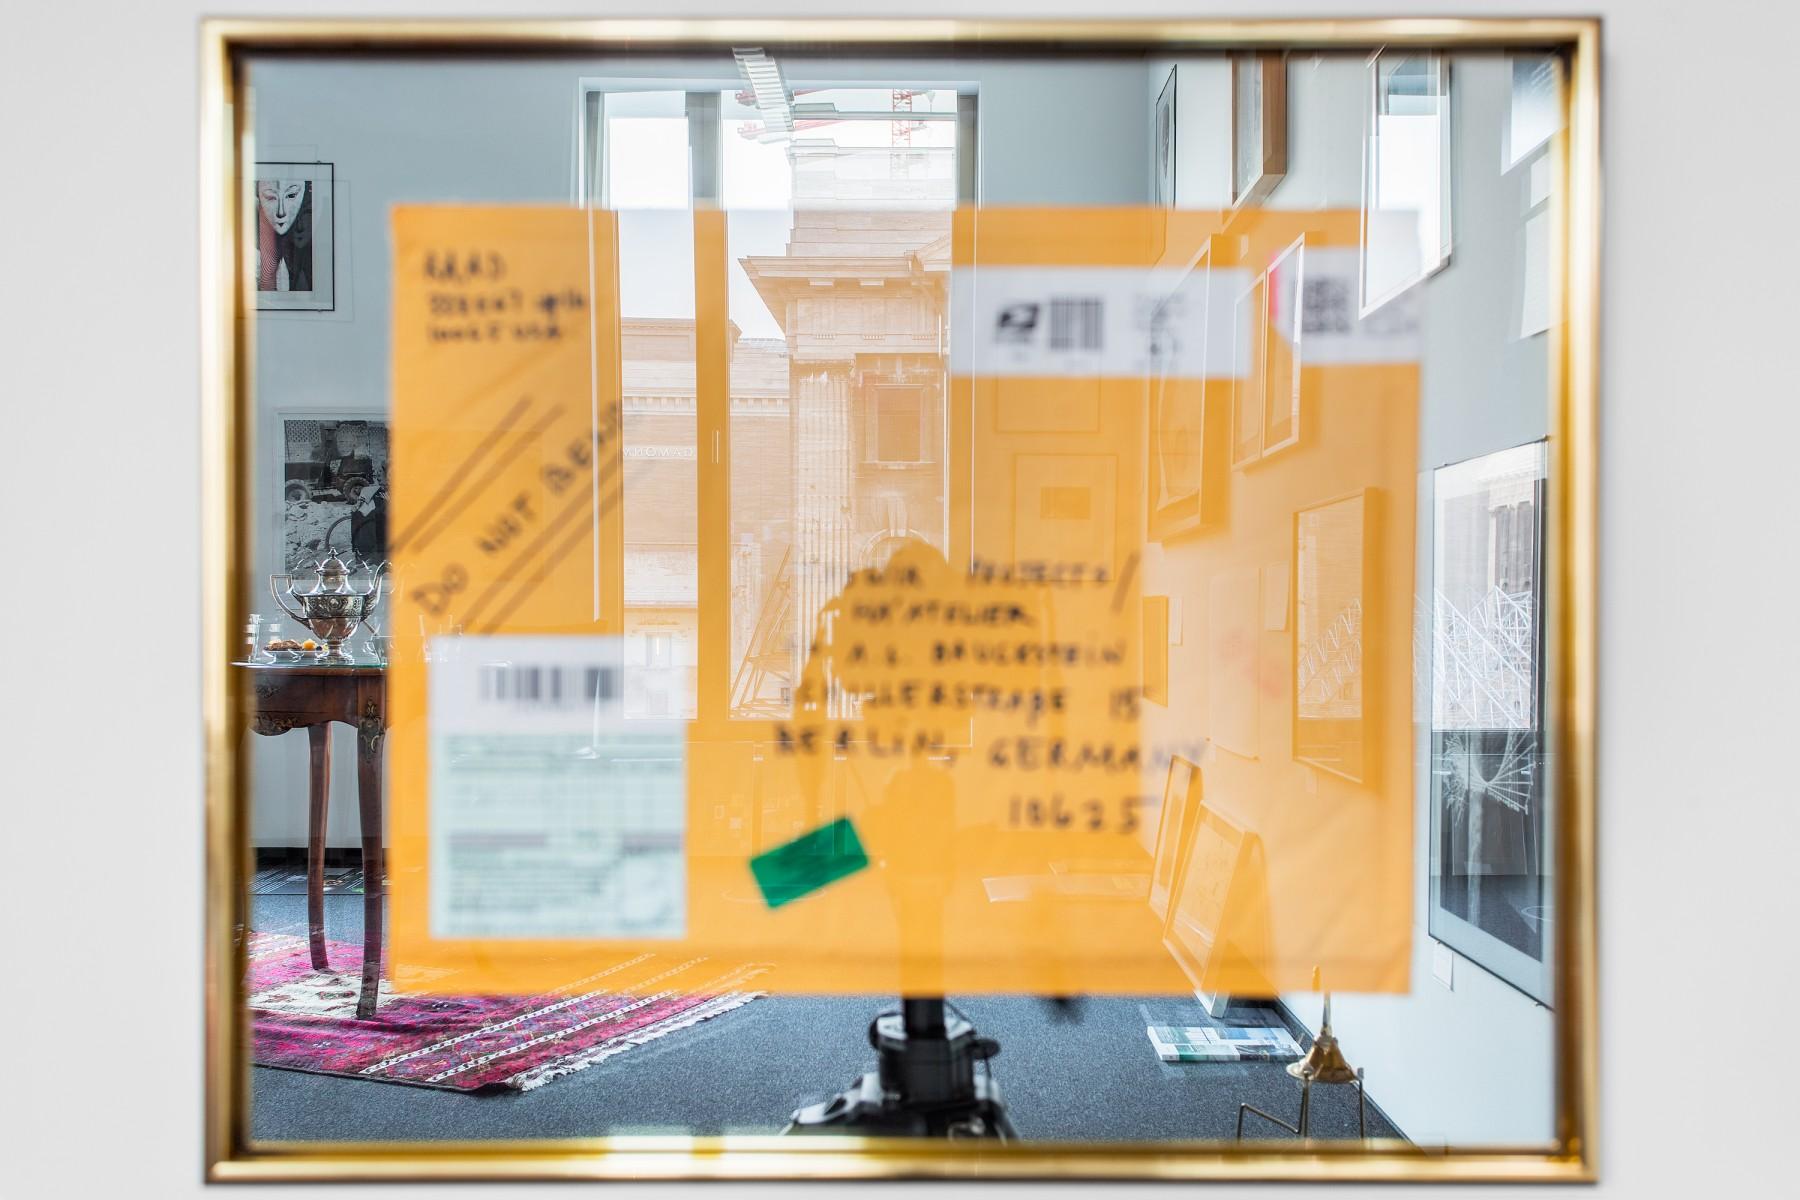 A.S. Bruckstein Çoruh, The Envelope, 2015